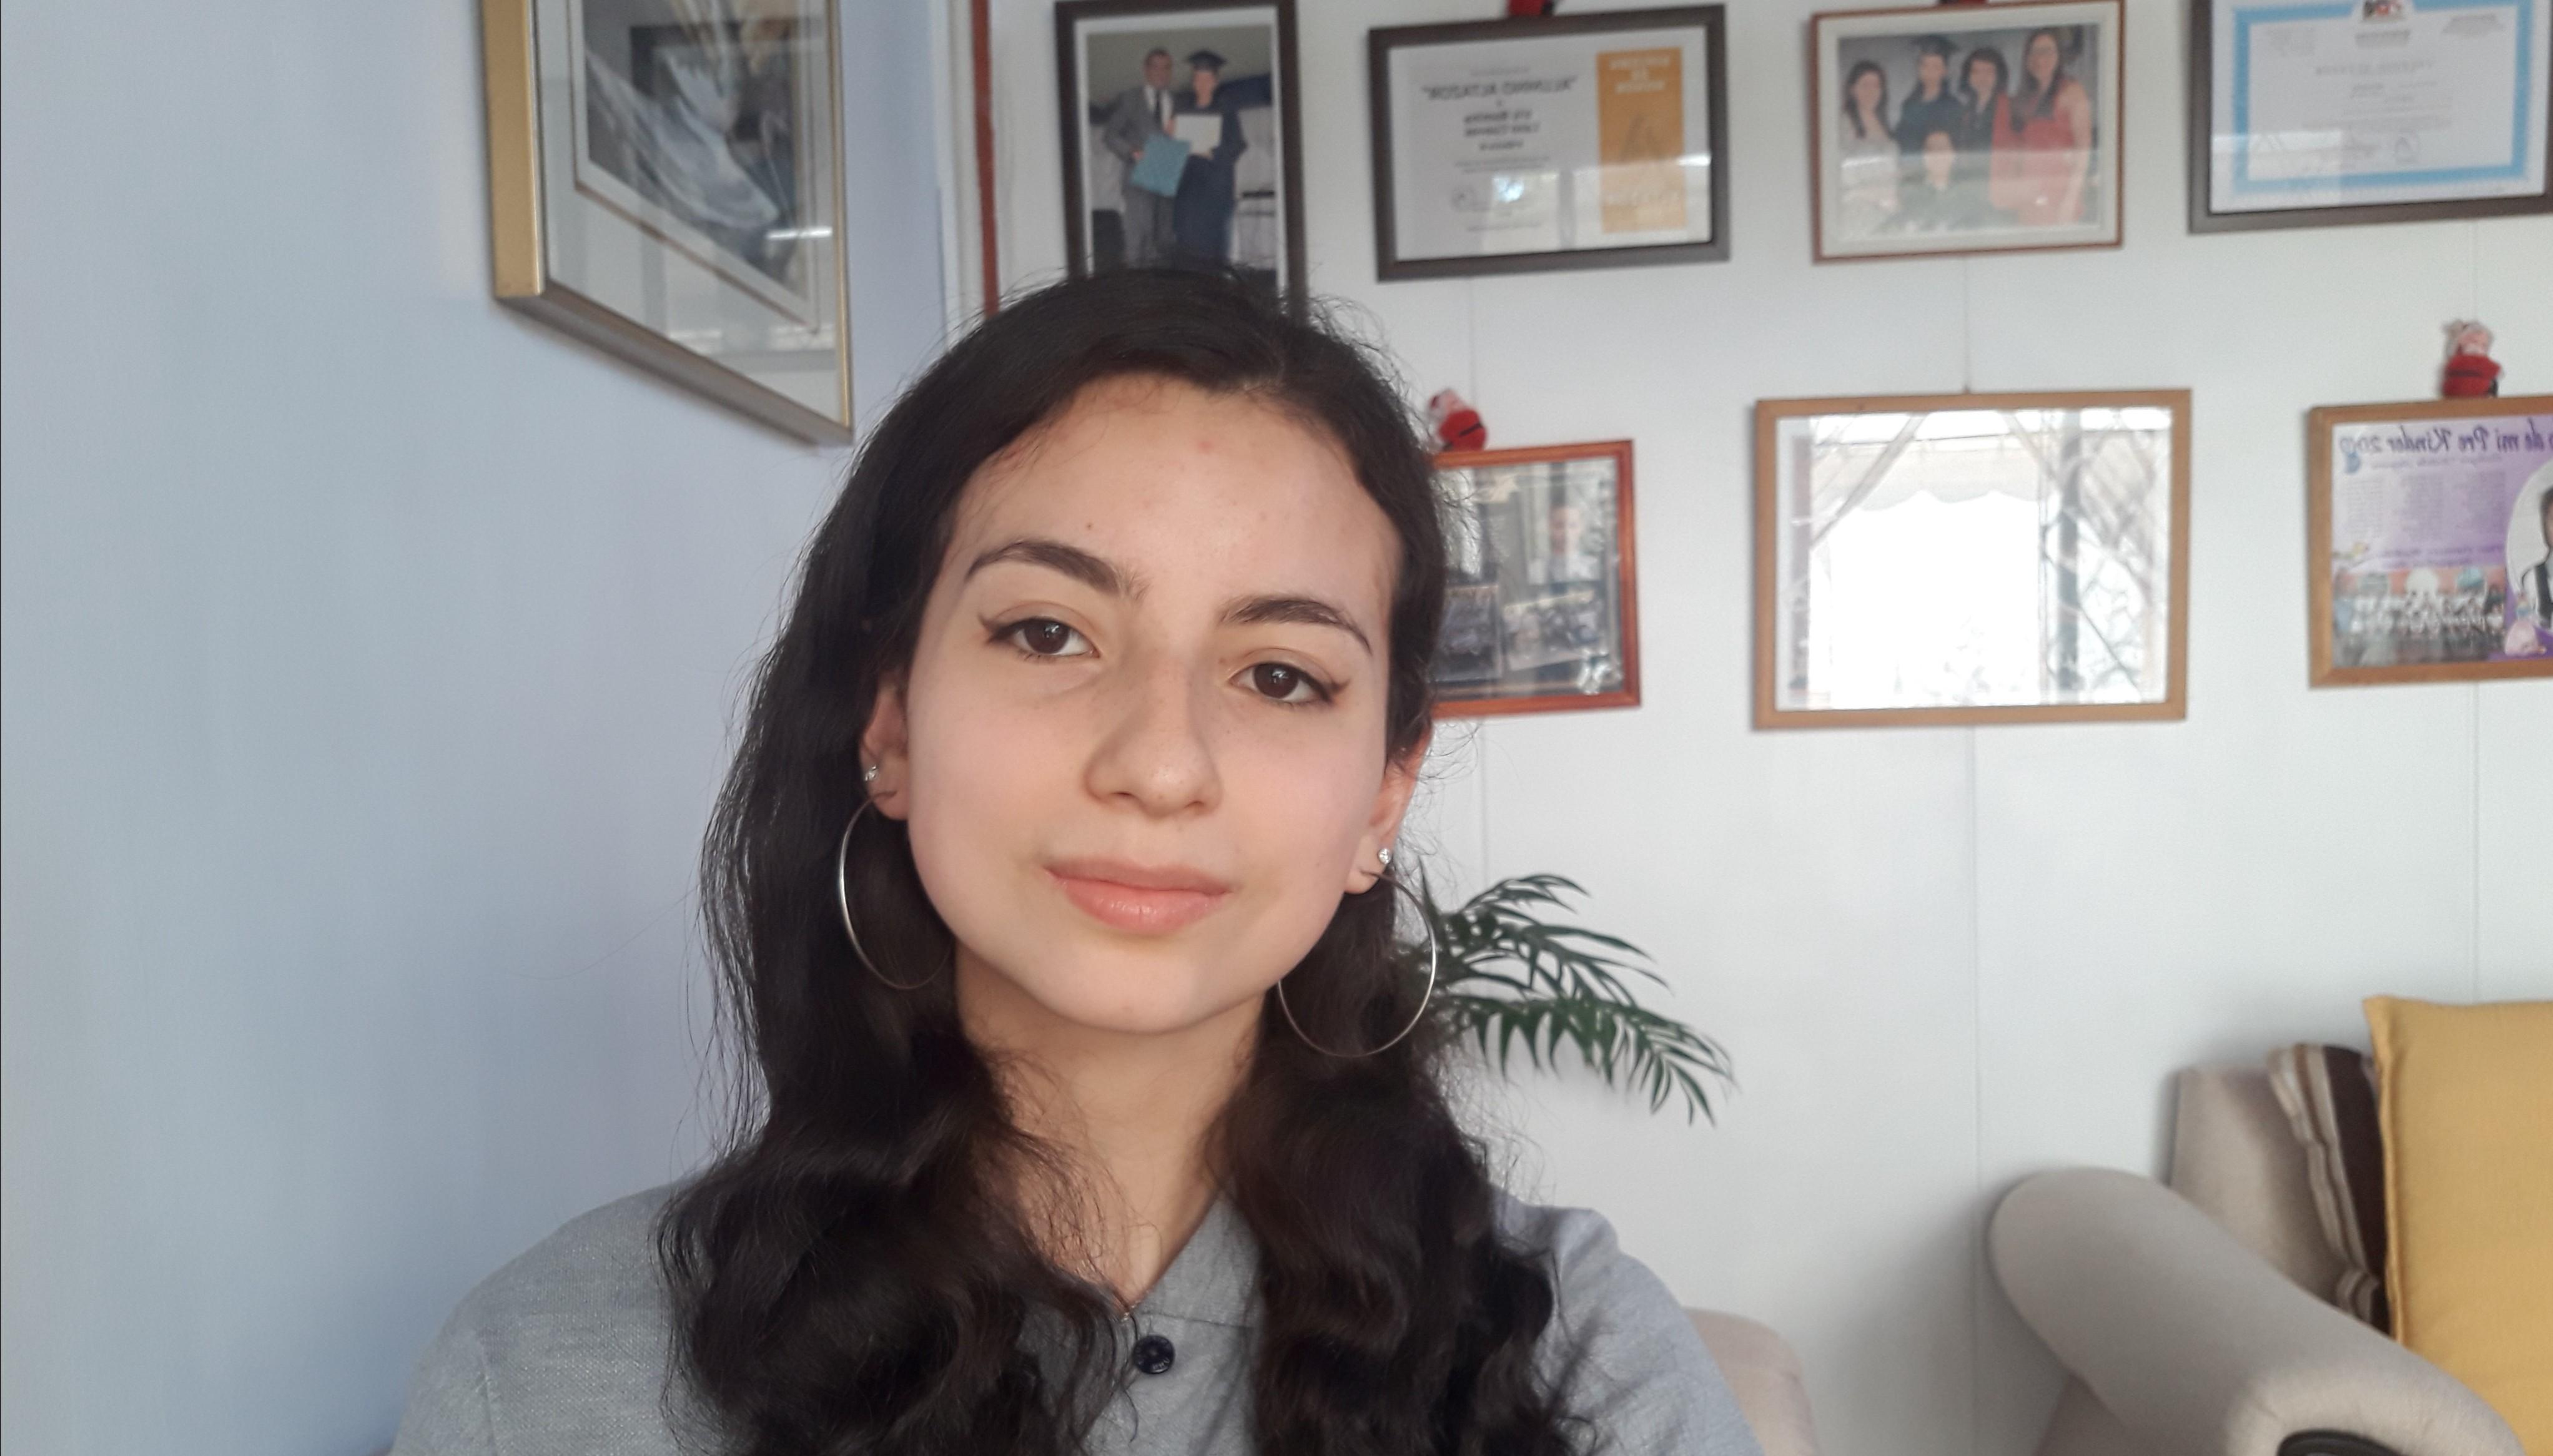 Felicitaciones a nuestra estudiante Iris Lazo